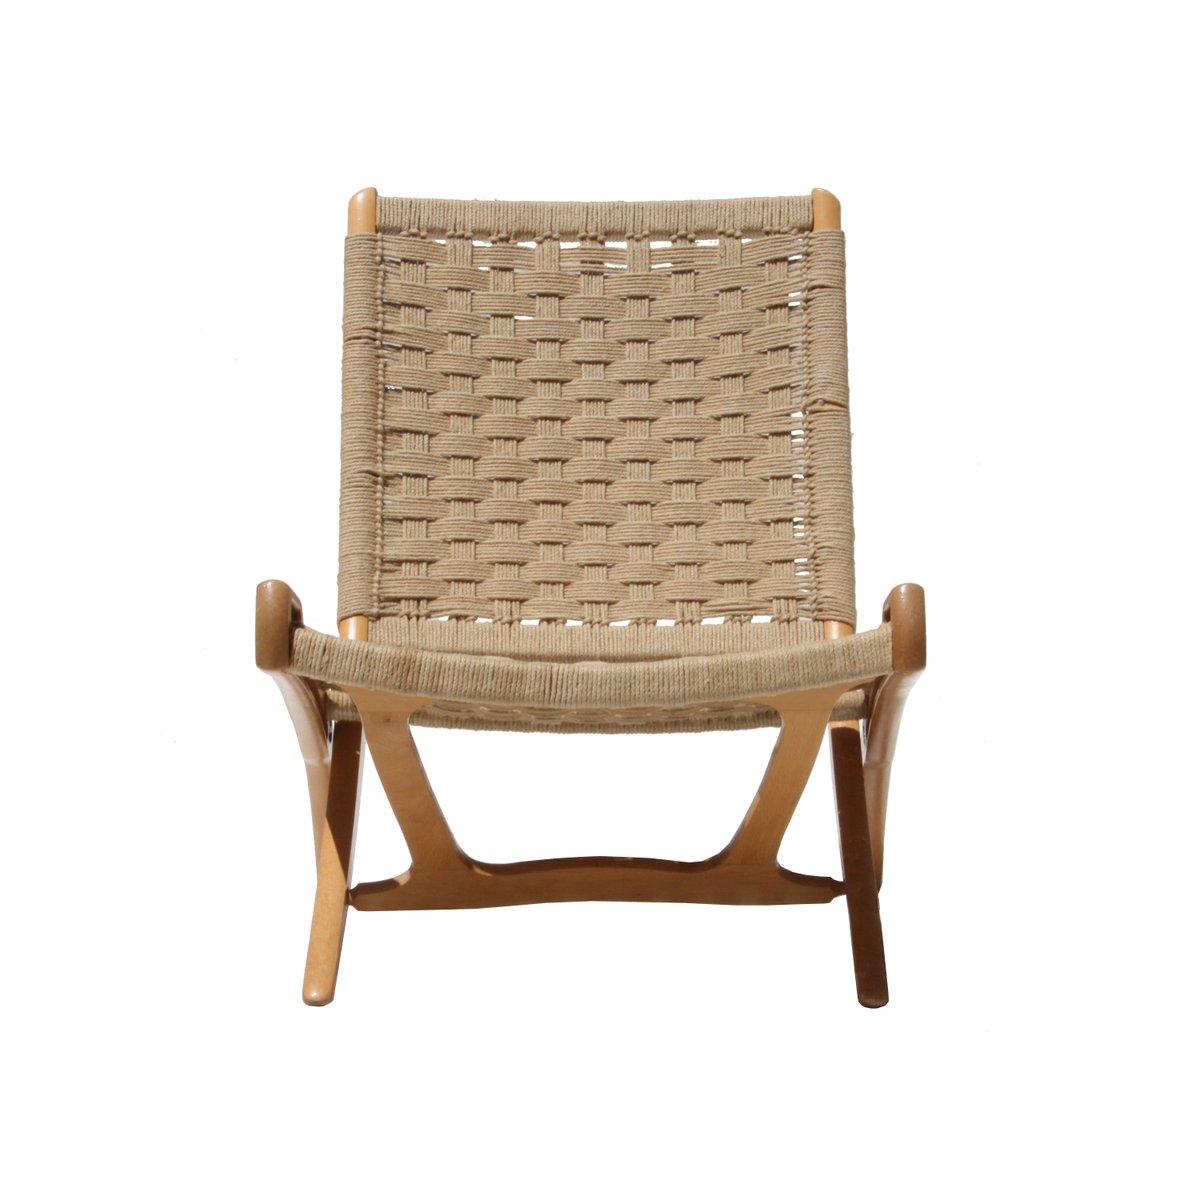 fiber furniture. danish mid-century oak \u0026 natural fiber folding chairs, set of 2 furniture a